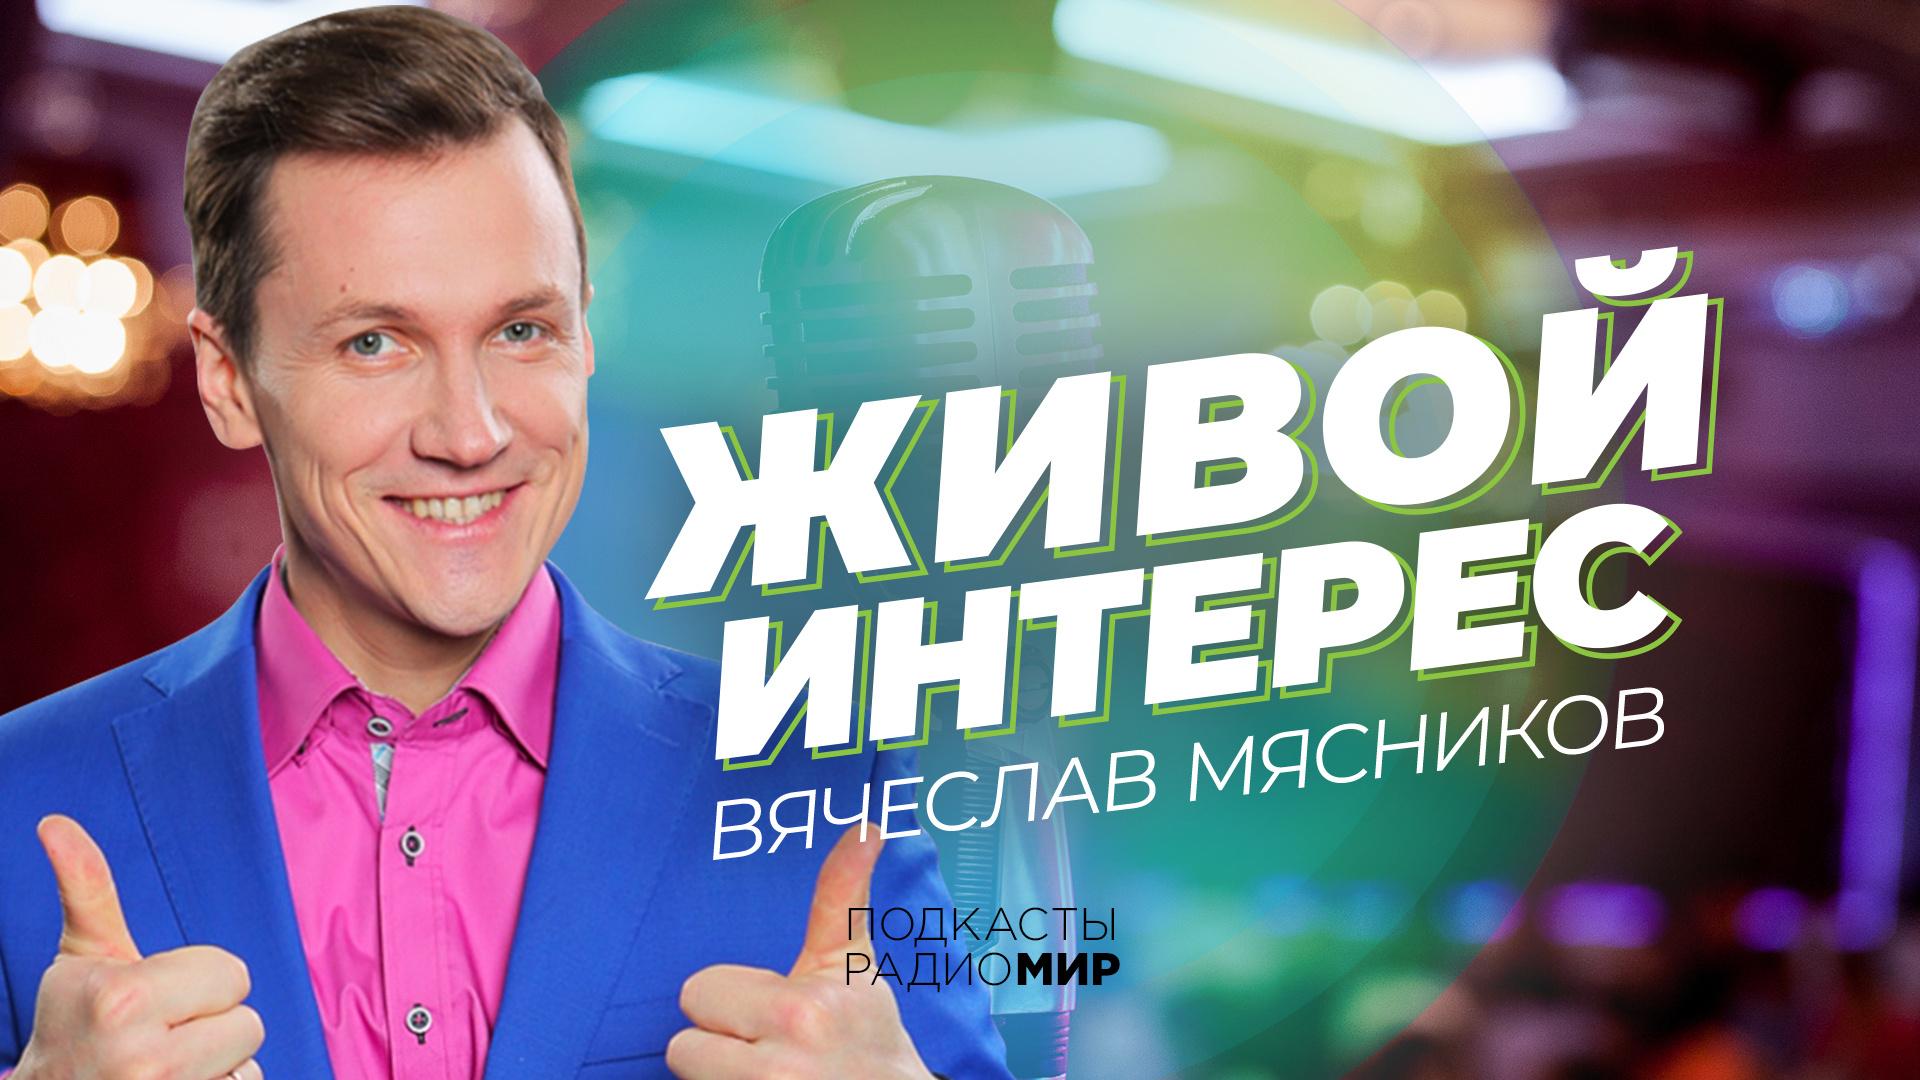 Вячеслав Мясников: «Очень много хороших людей, для которых хочется делать приятные вещи»